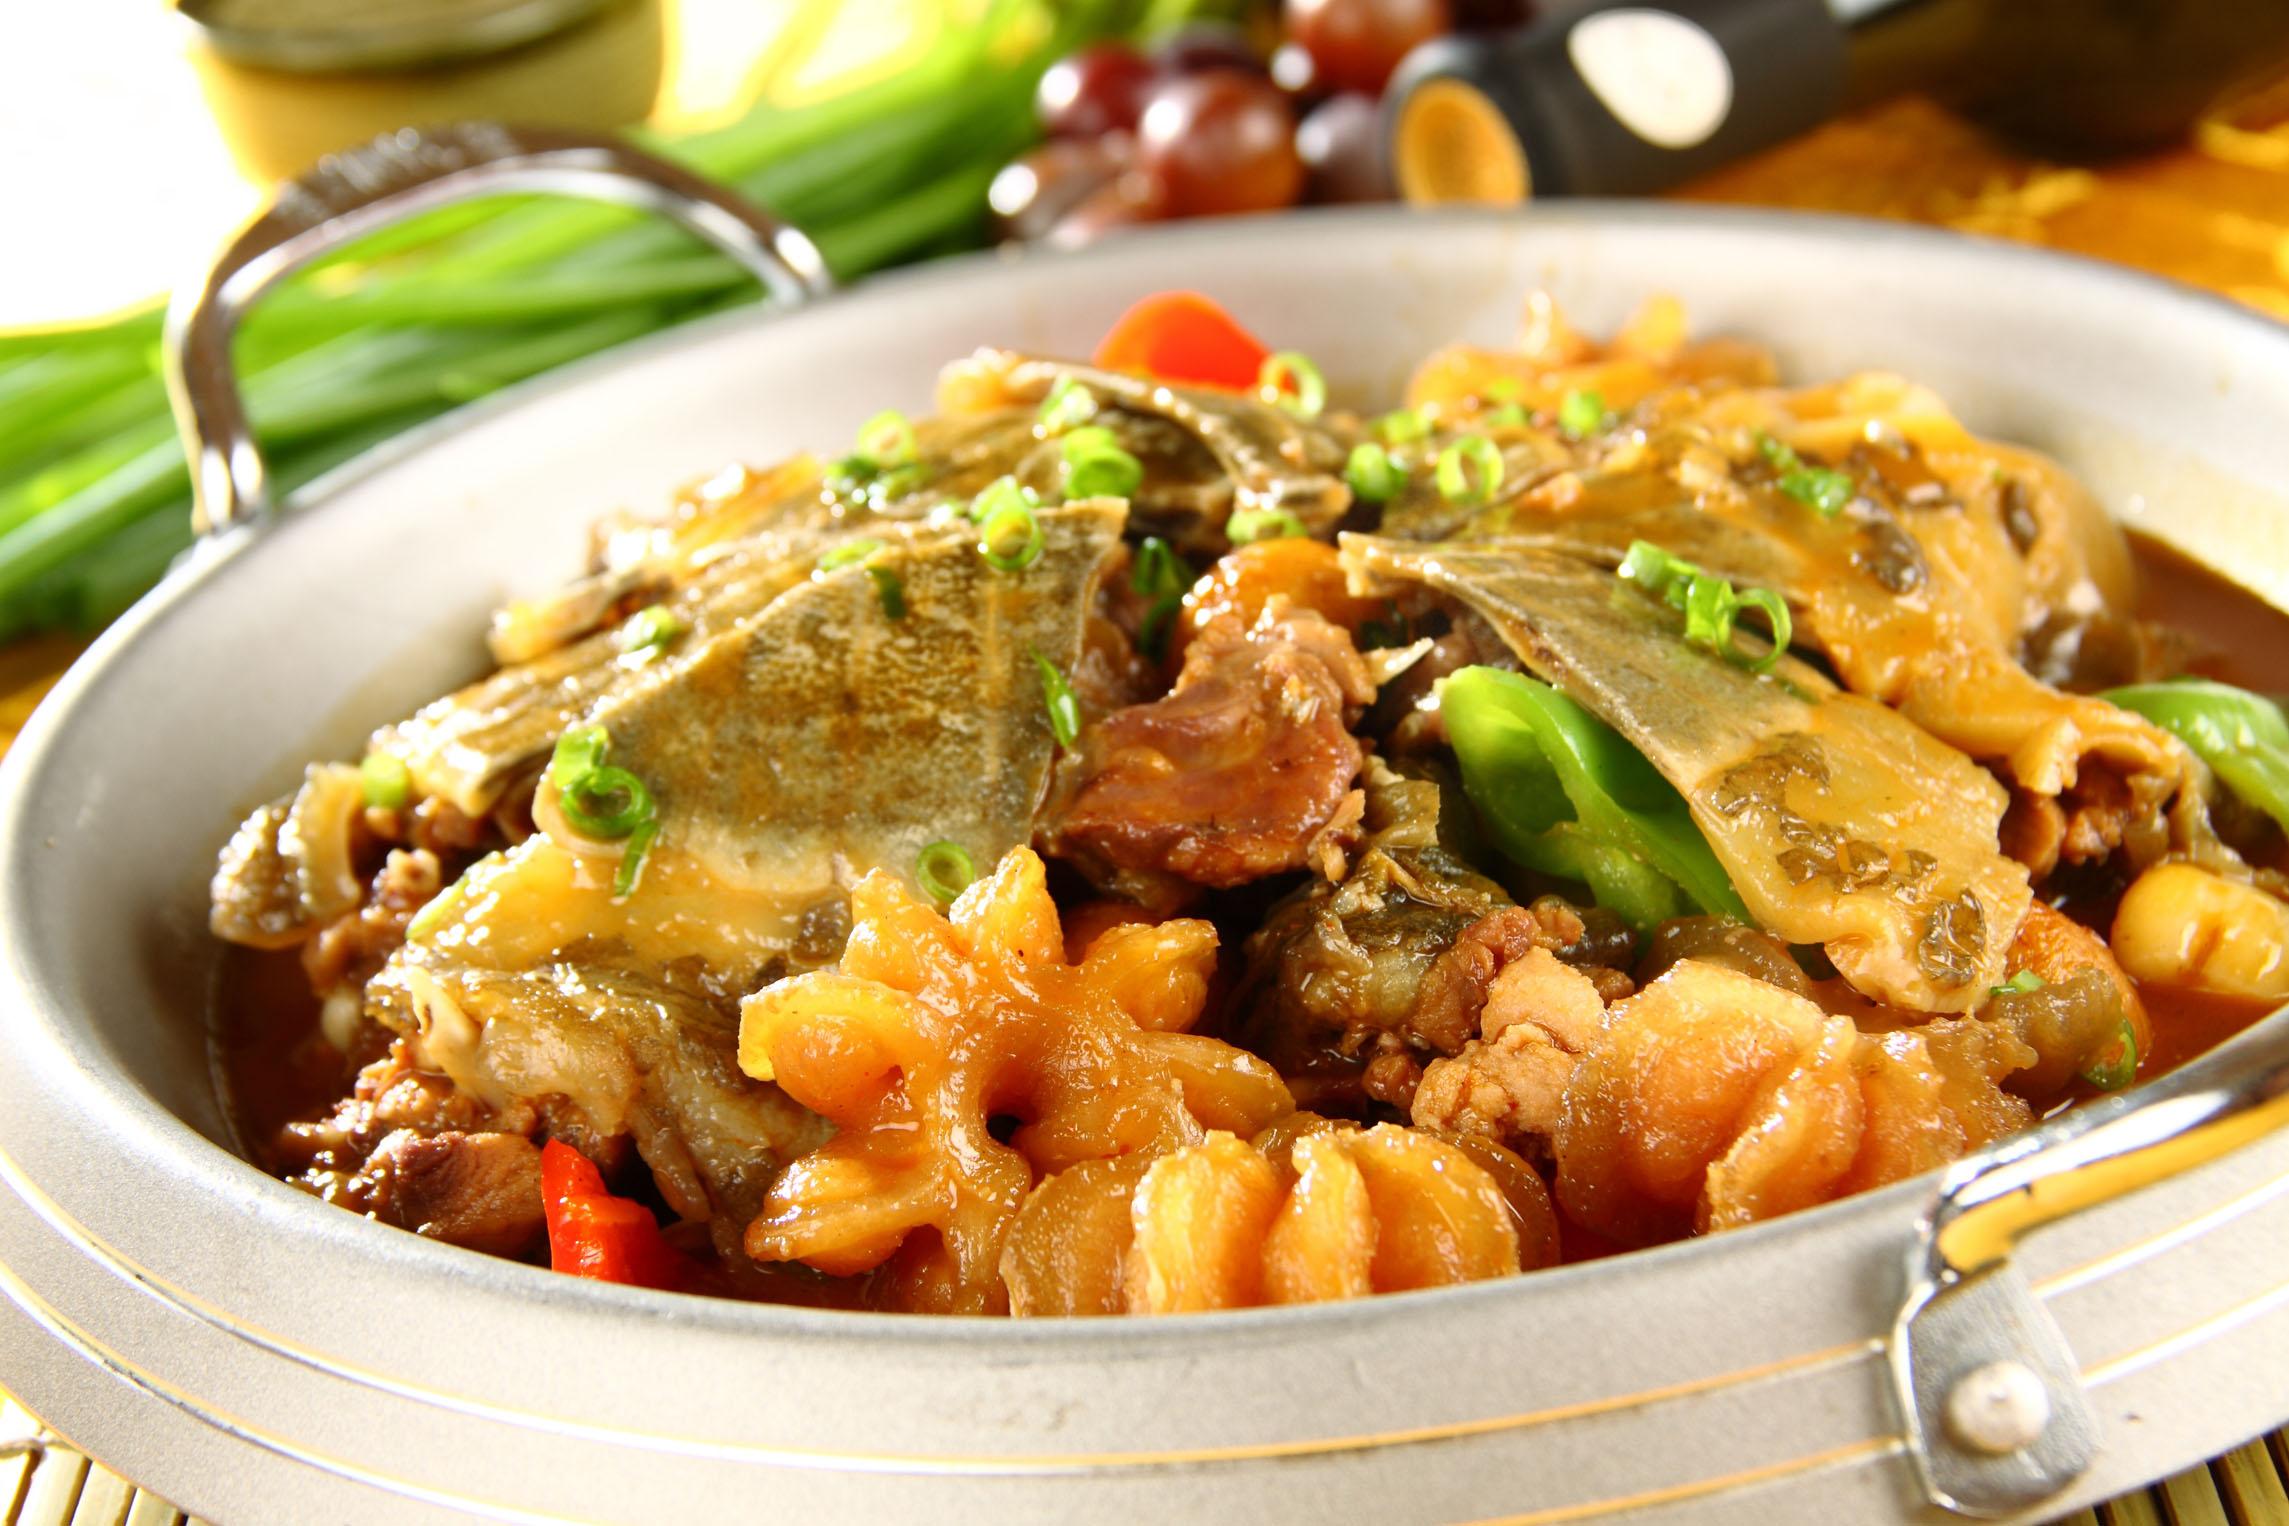 有道�yan_有道菜是甲鱼母鸡汤,可以说是很富有营养了.